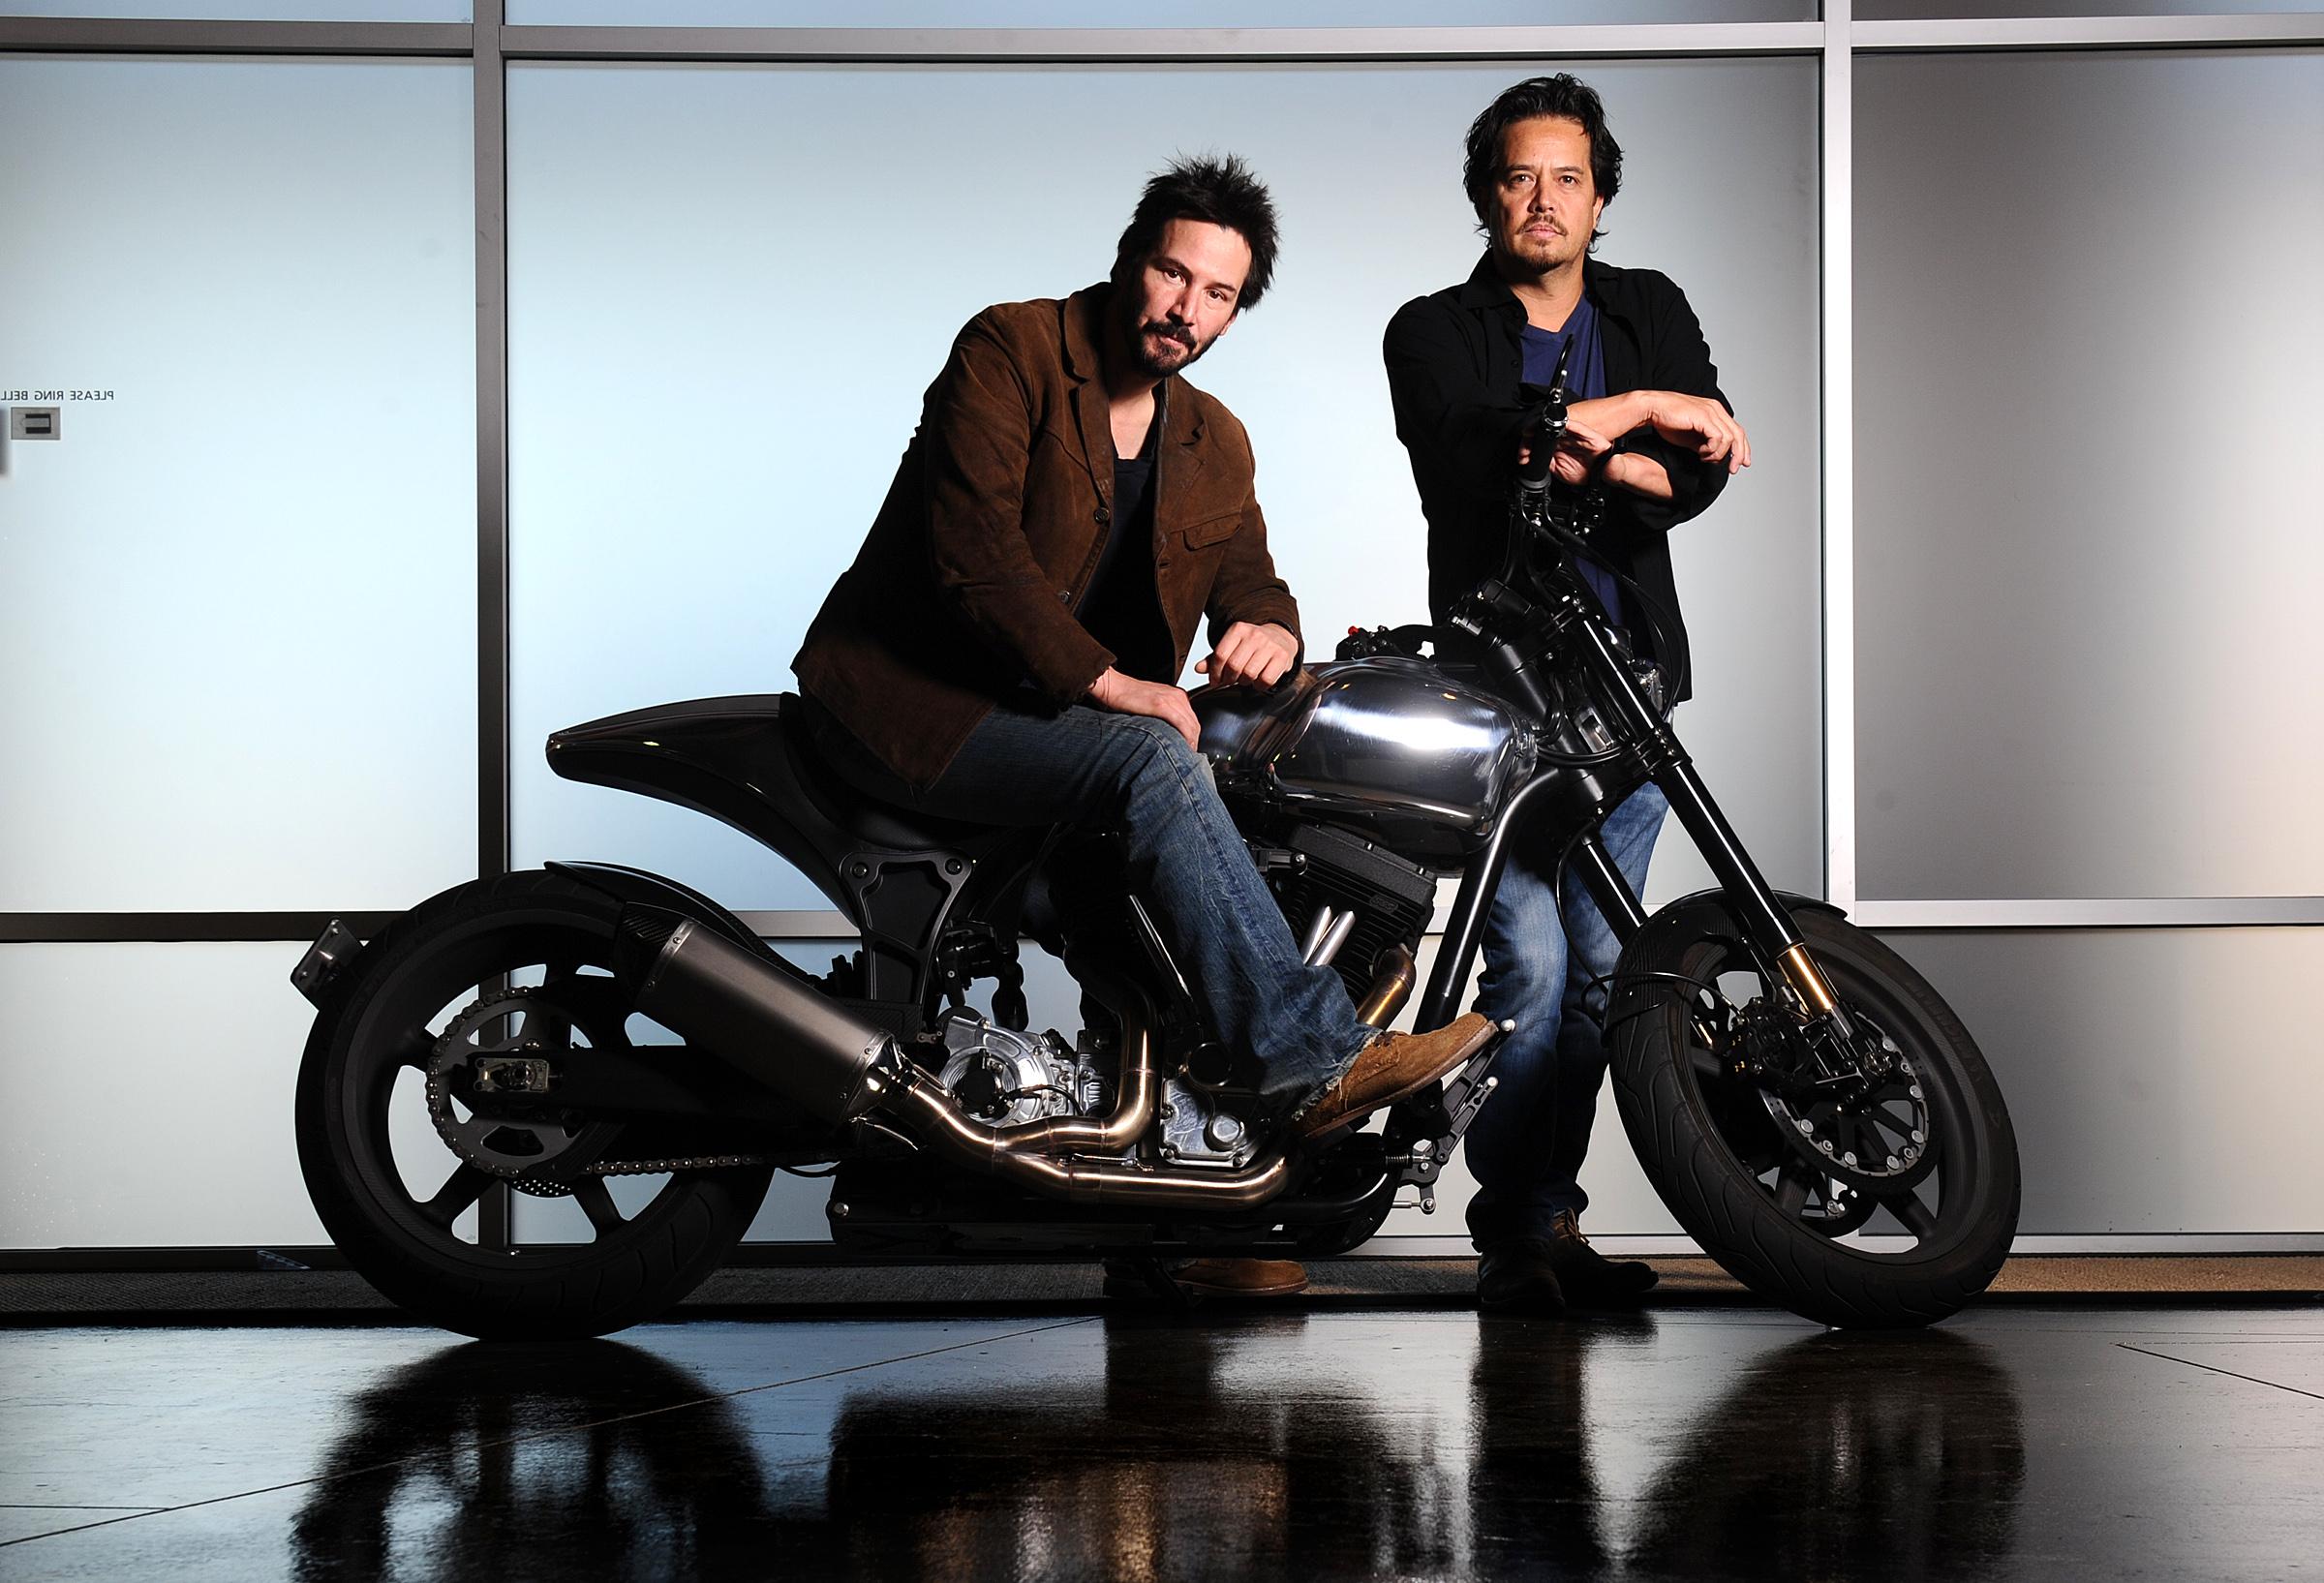 Стартап Киану Ривза собирает мотоциклы при помощи  виртуальной реальности